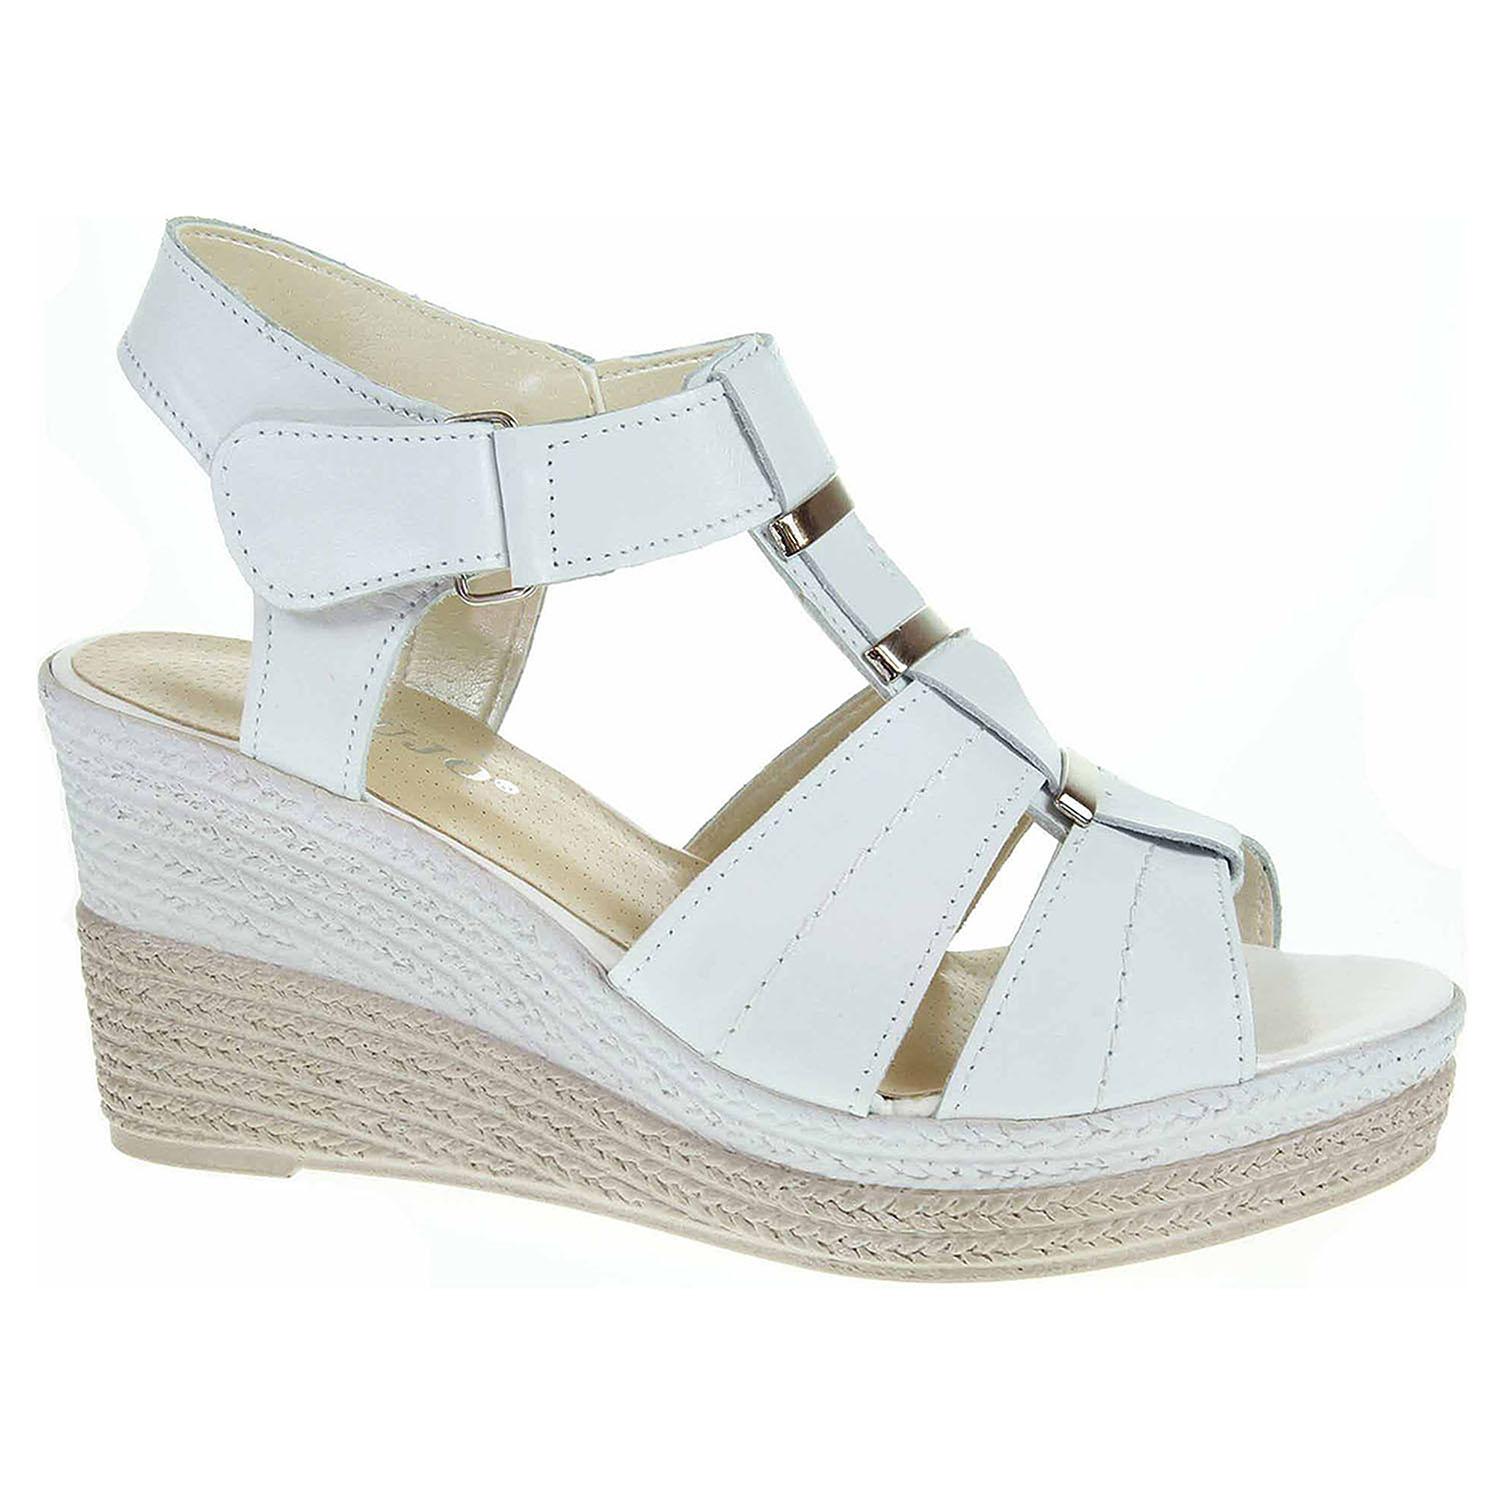 Ecco Dámské sandály EW 7607 bílá 23801343